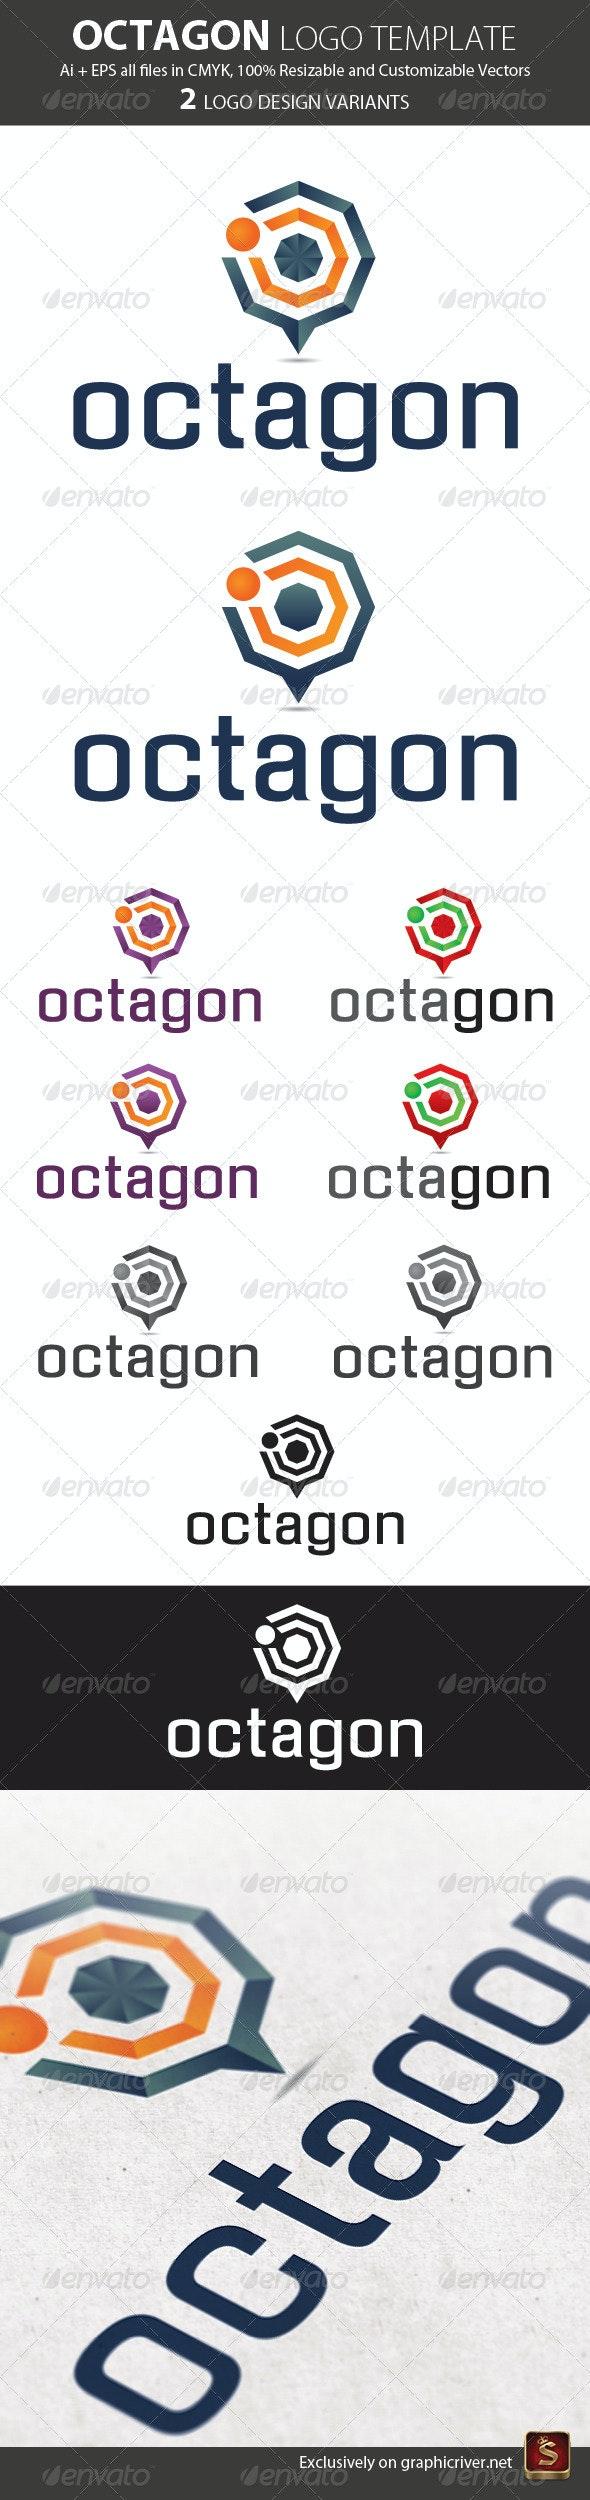 Octagon Logo Template - Vector Abstract